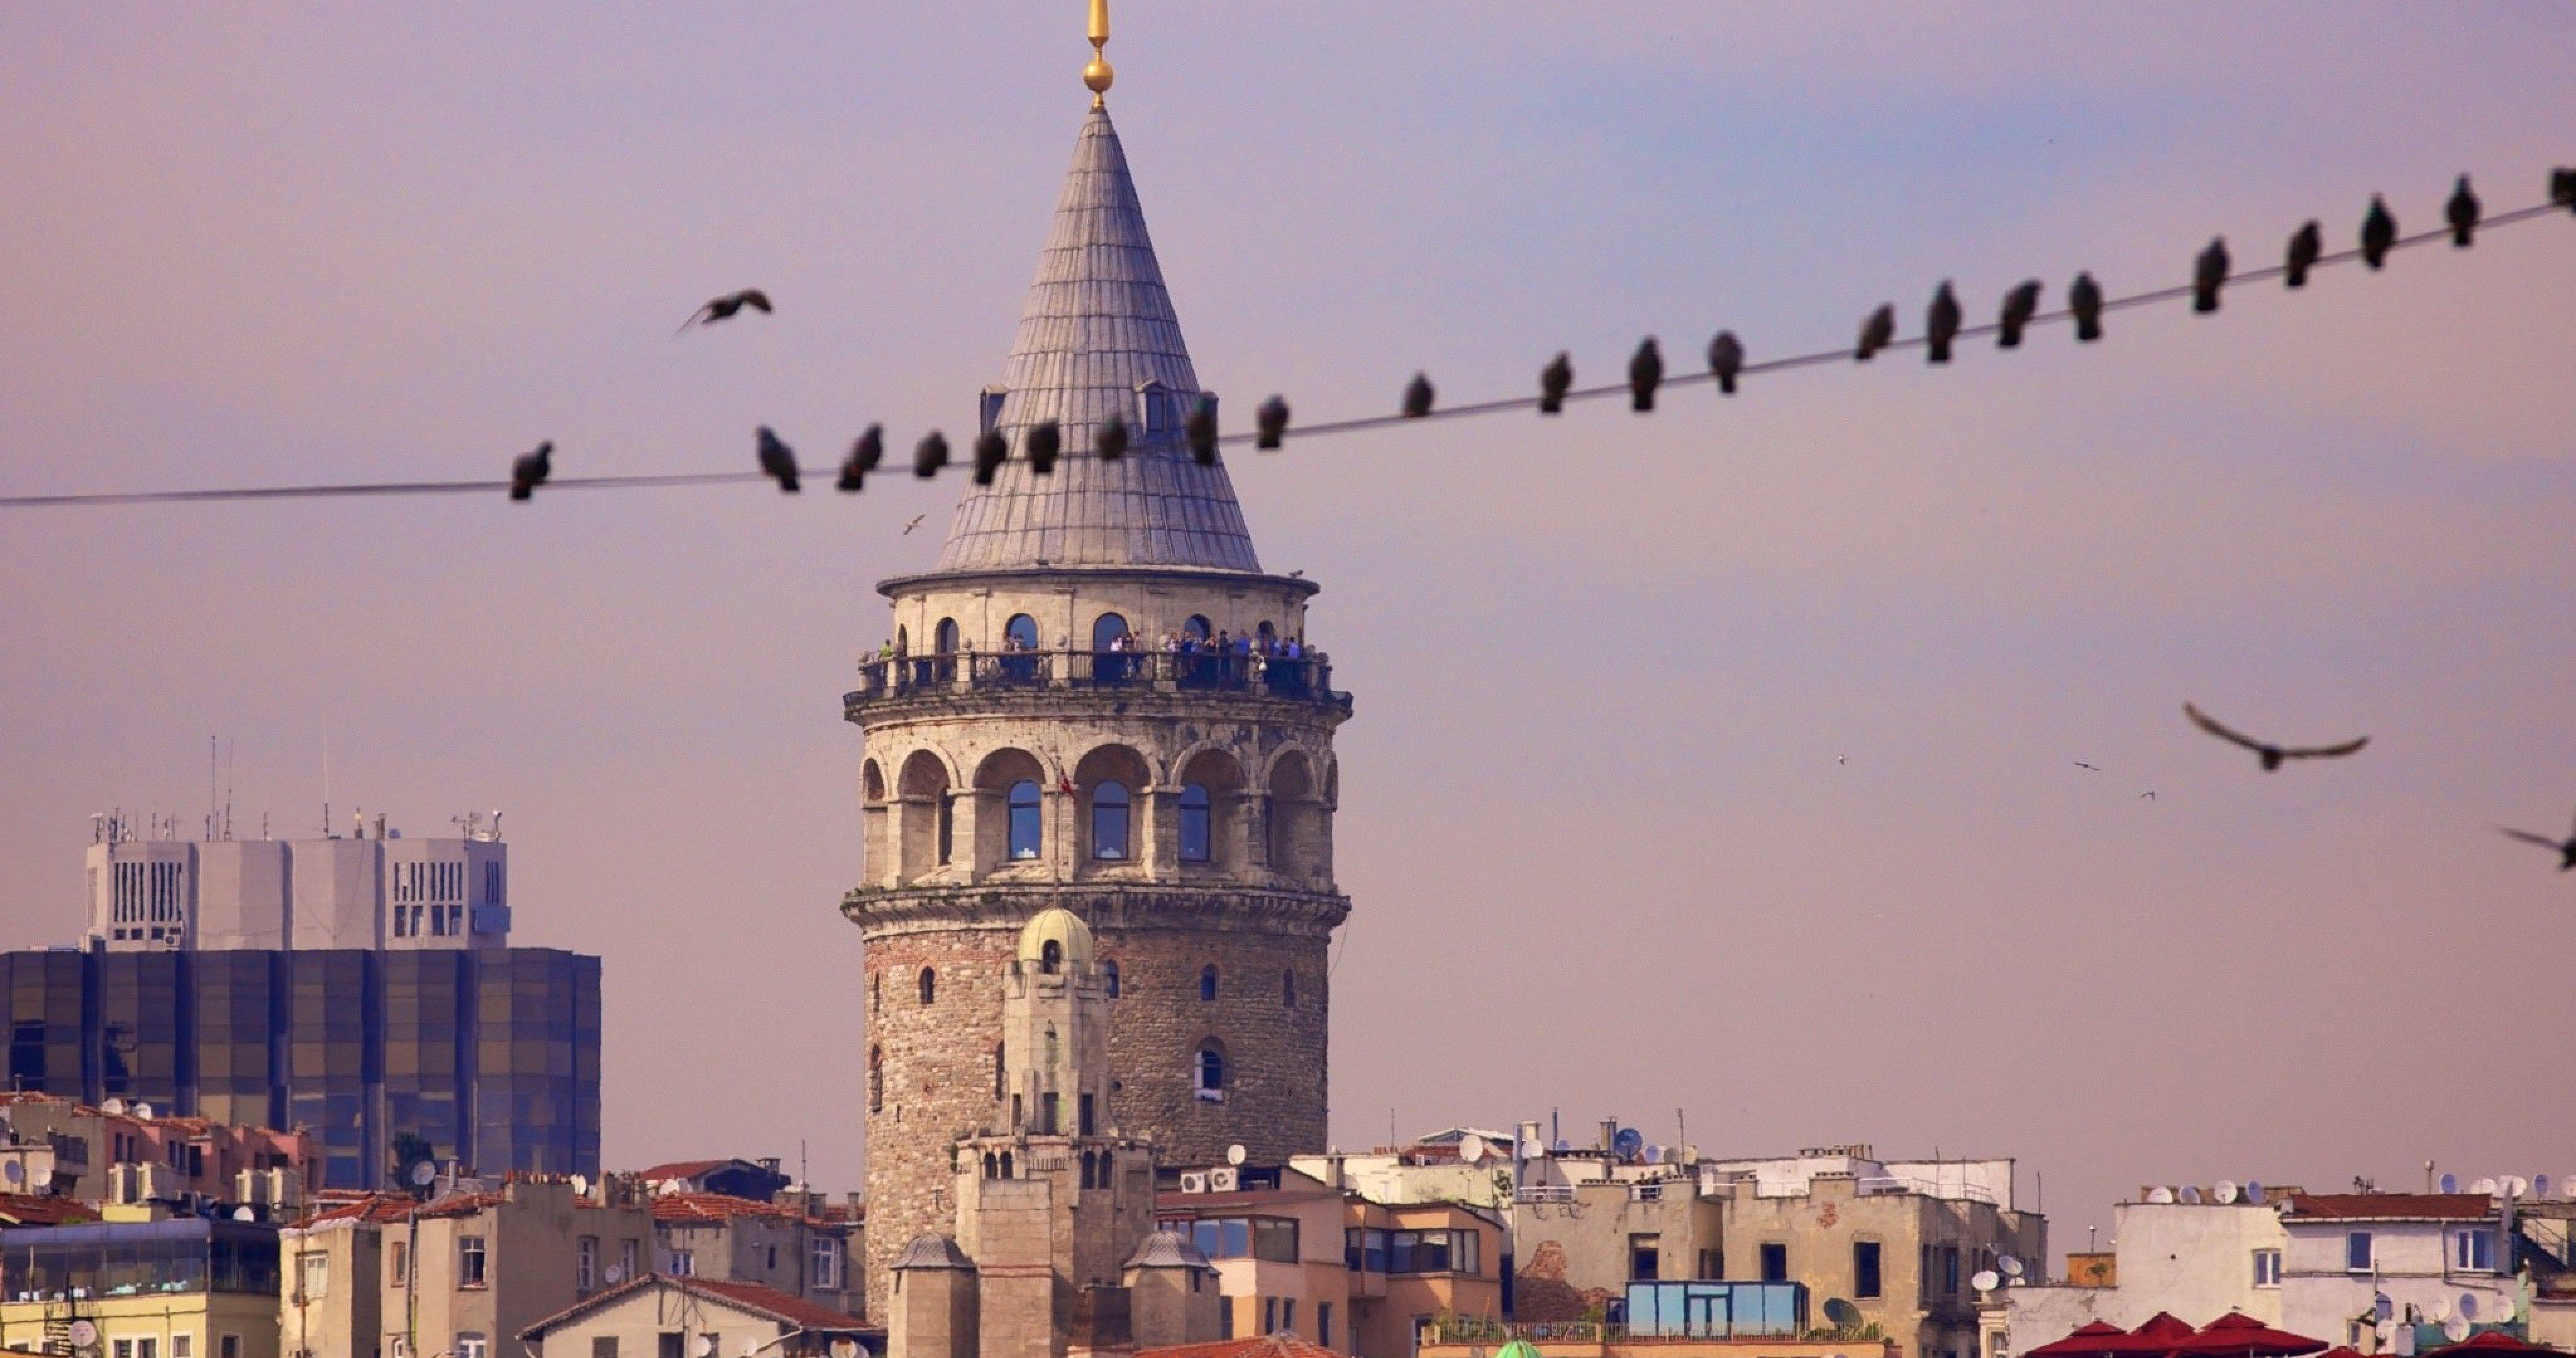 Istanbul Turkey Galata Tower Wallpaper 4k Ultra Hd Wallpaper